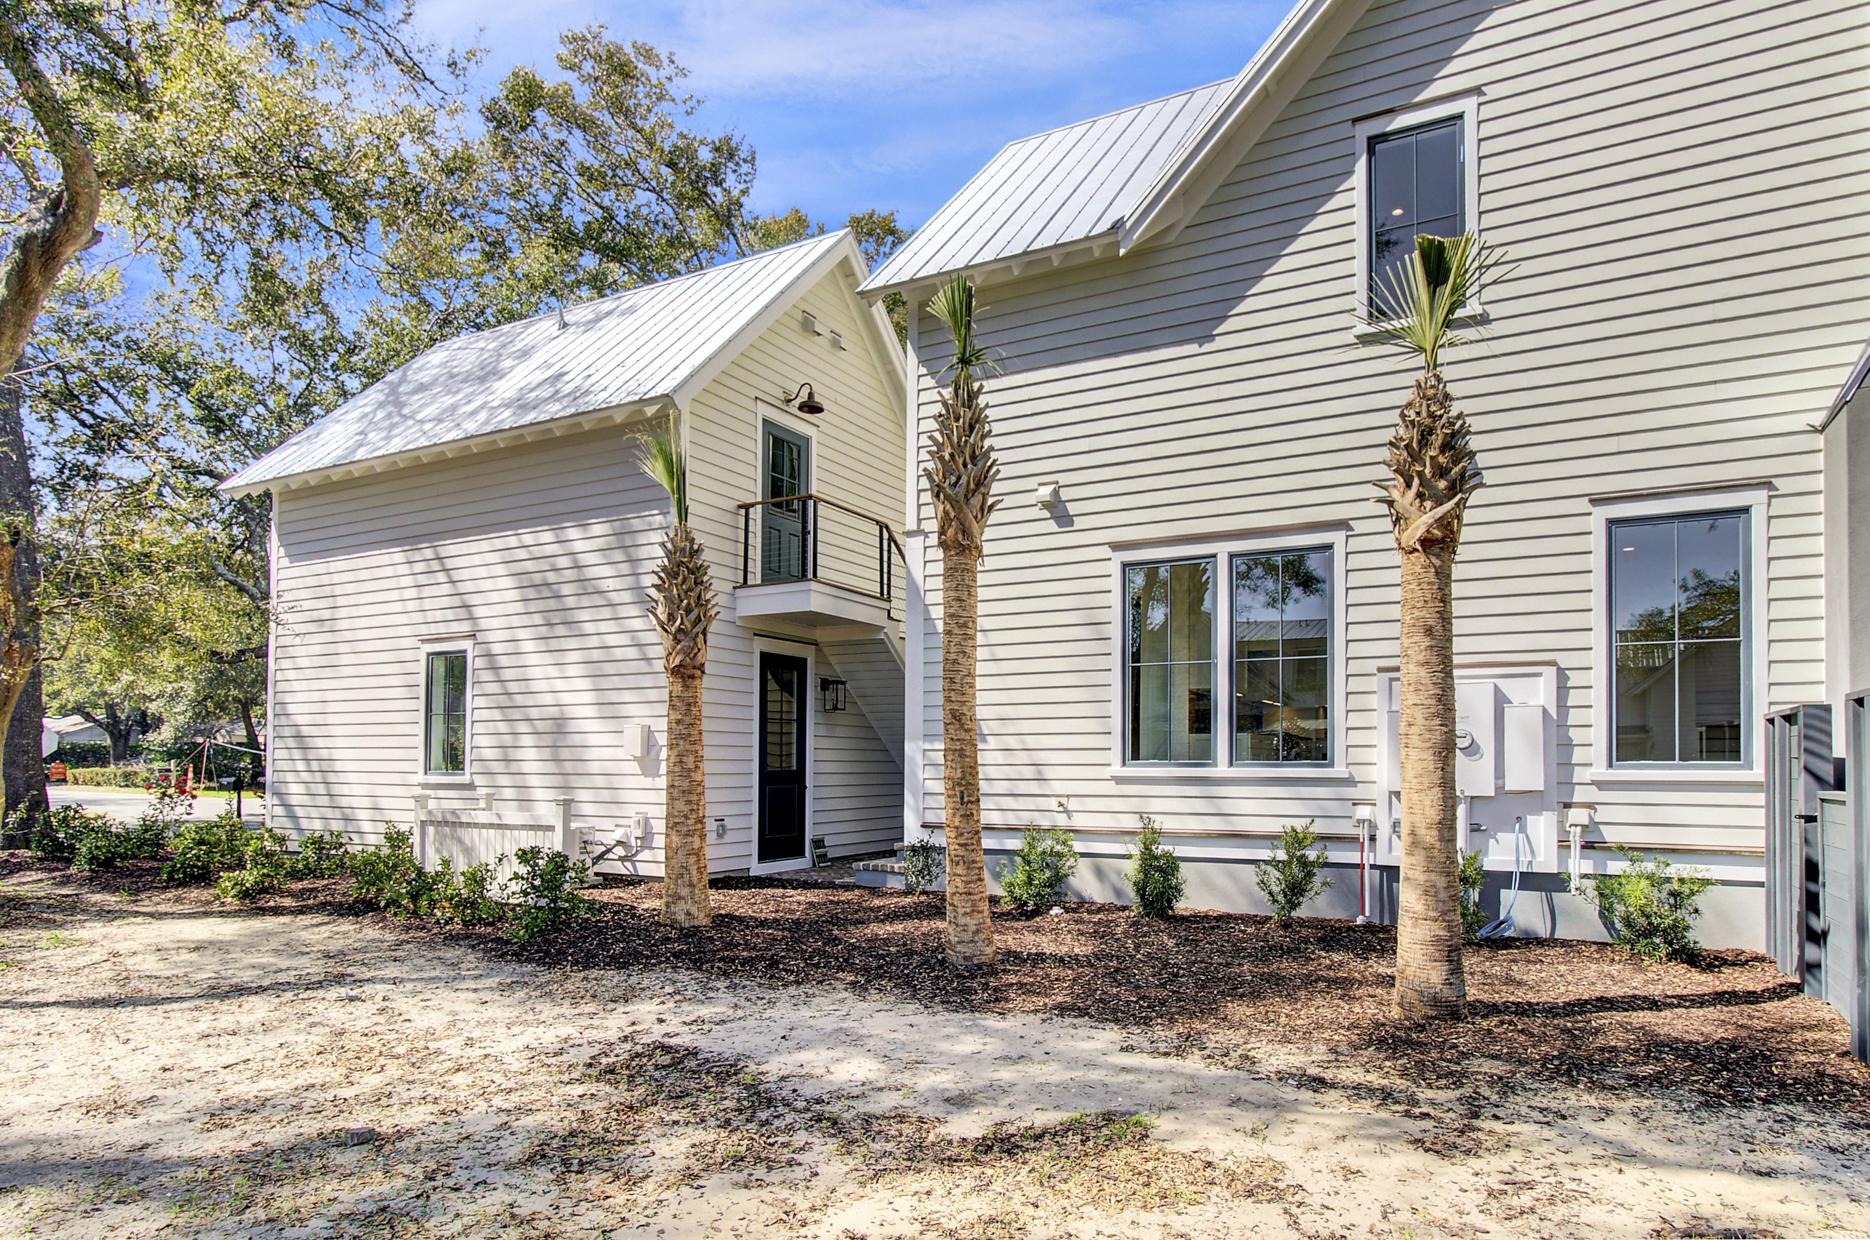 Old Mt Pleasant Homes For Sale - 1416 Jackson, Mount Pleasant, SC - 71